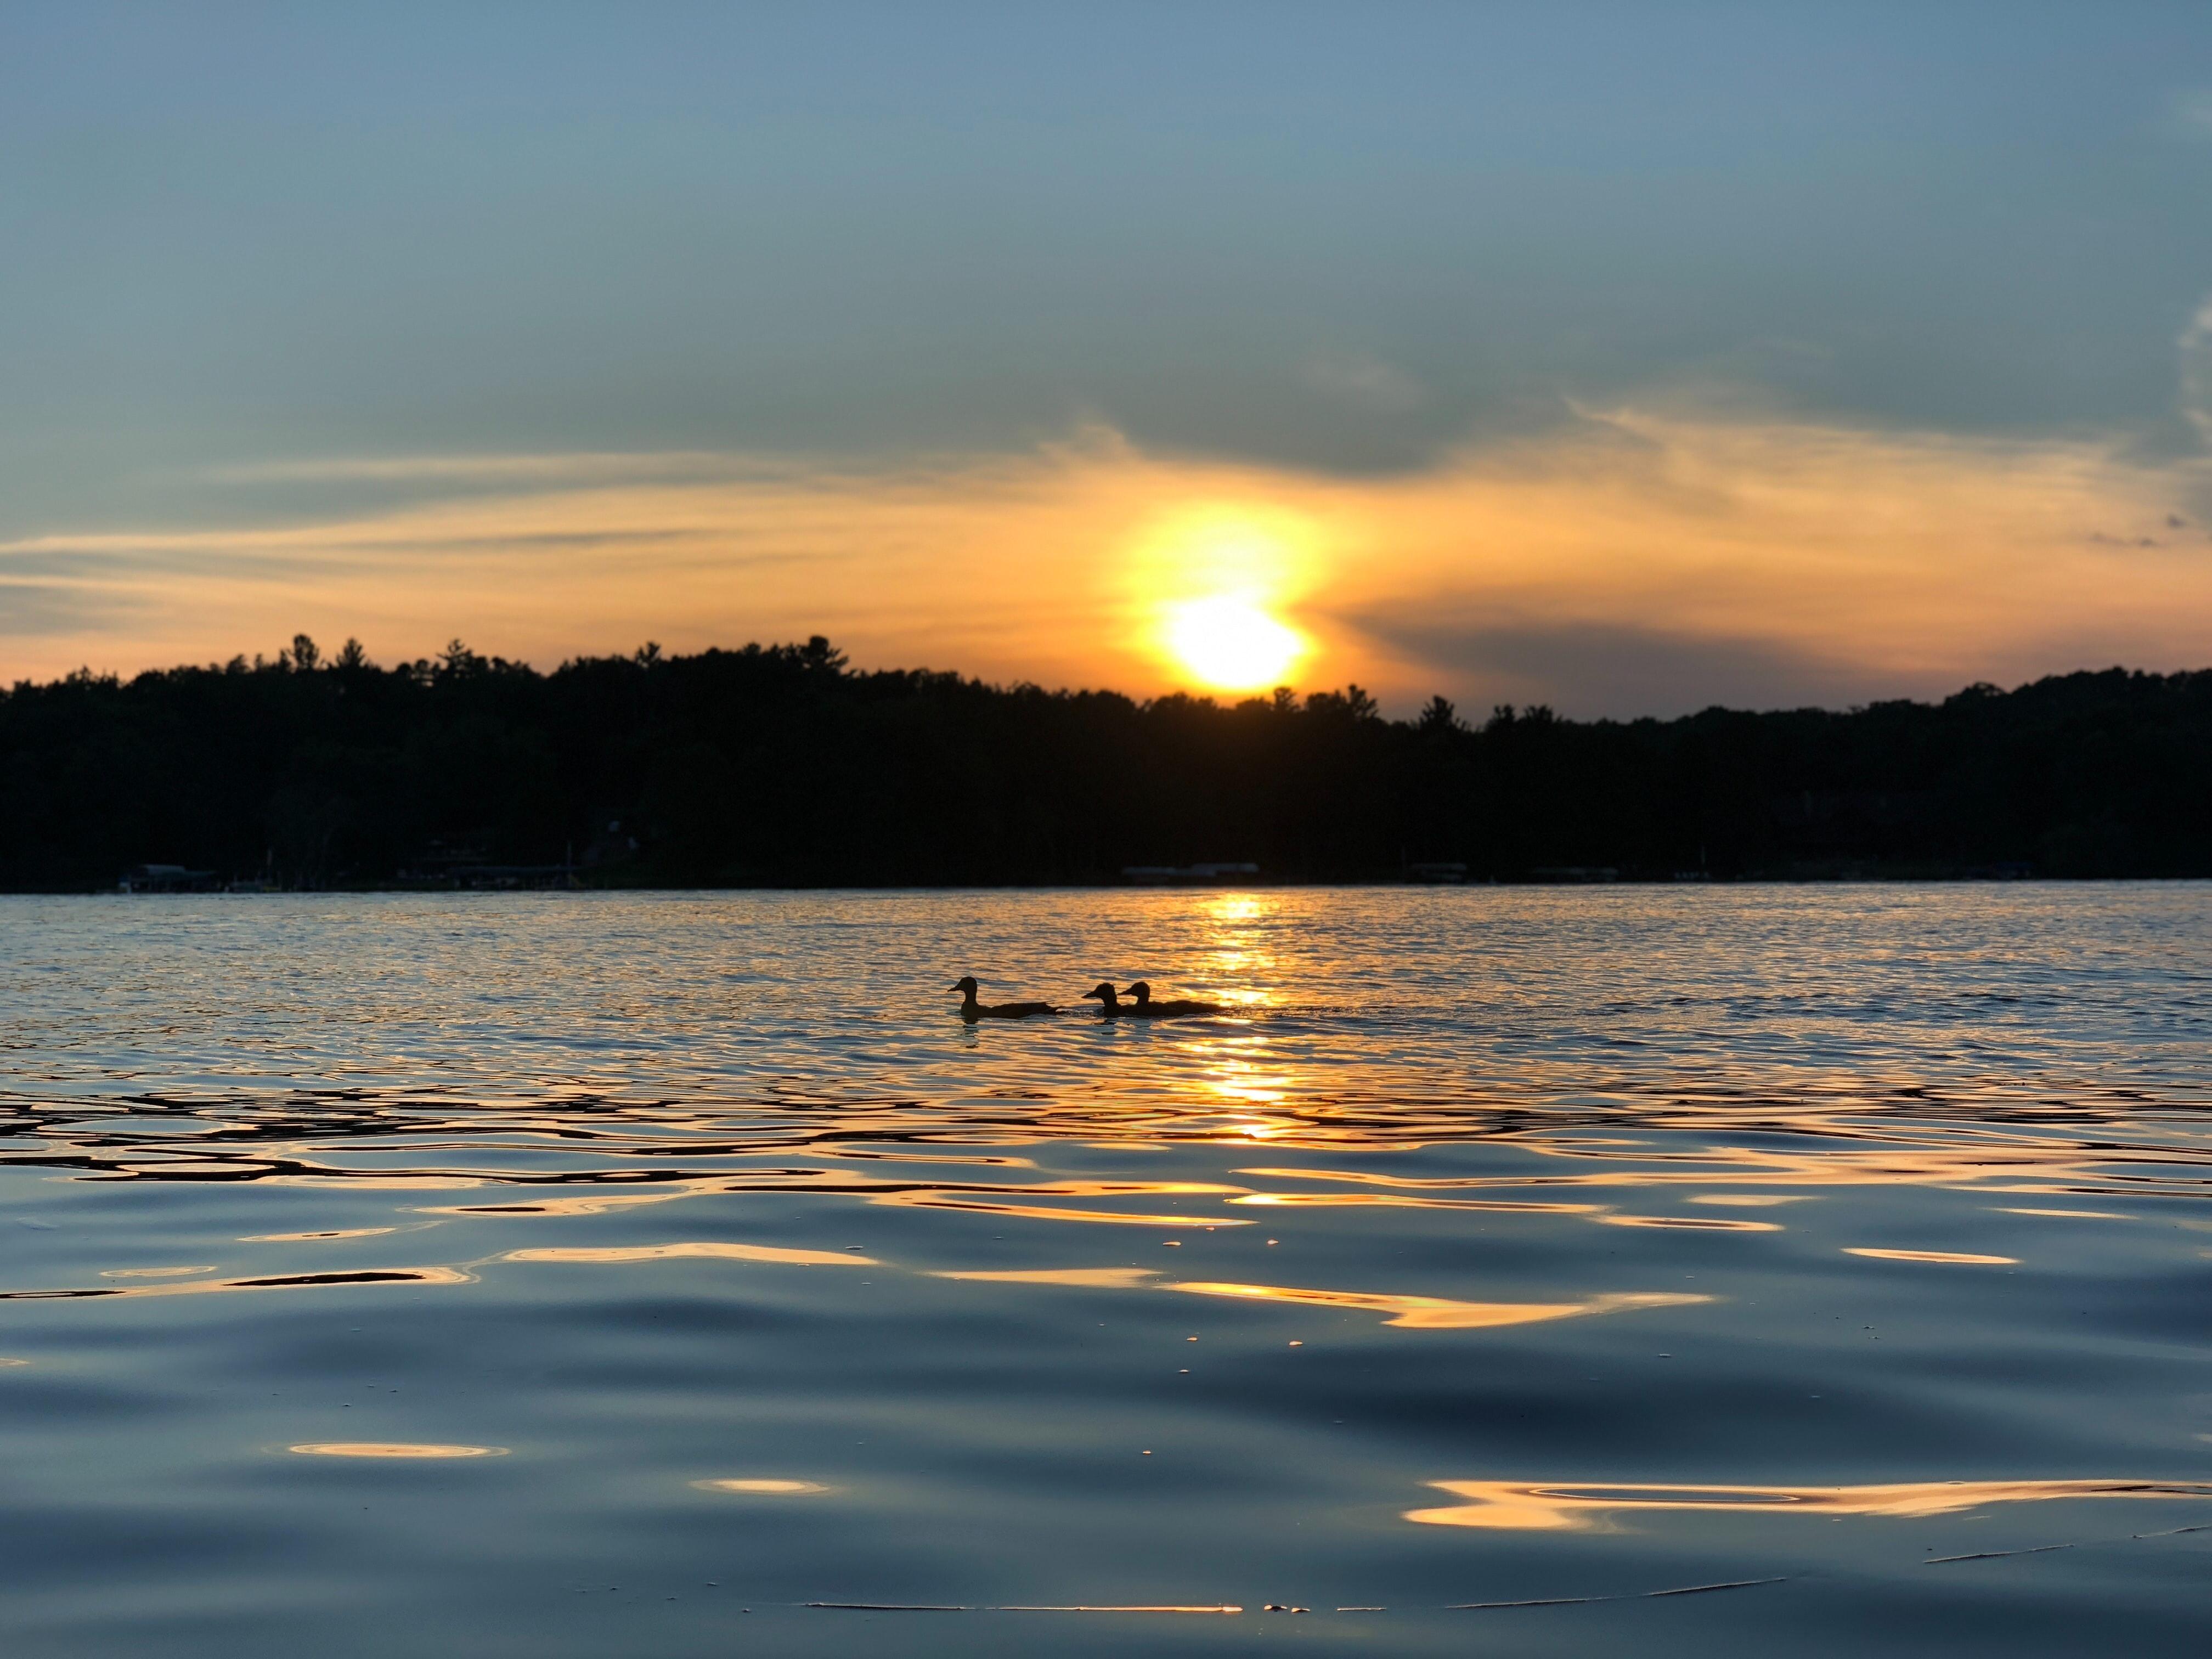 Loons on water, Minnesota USA